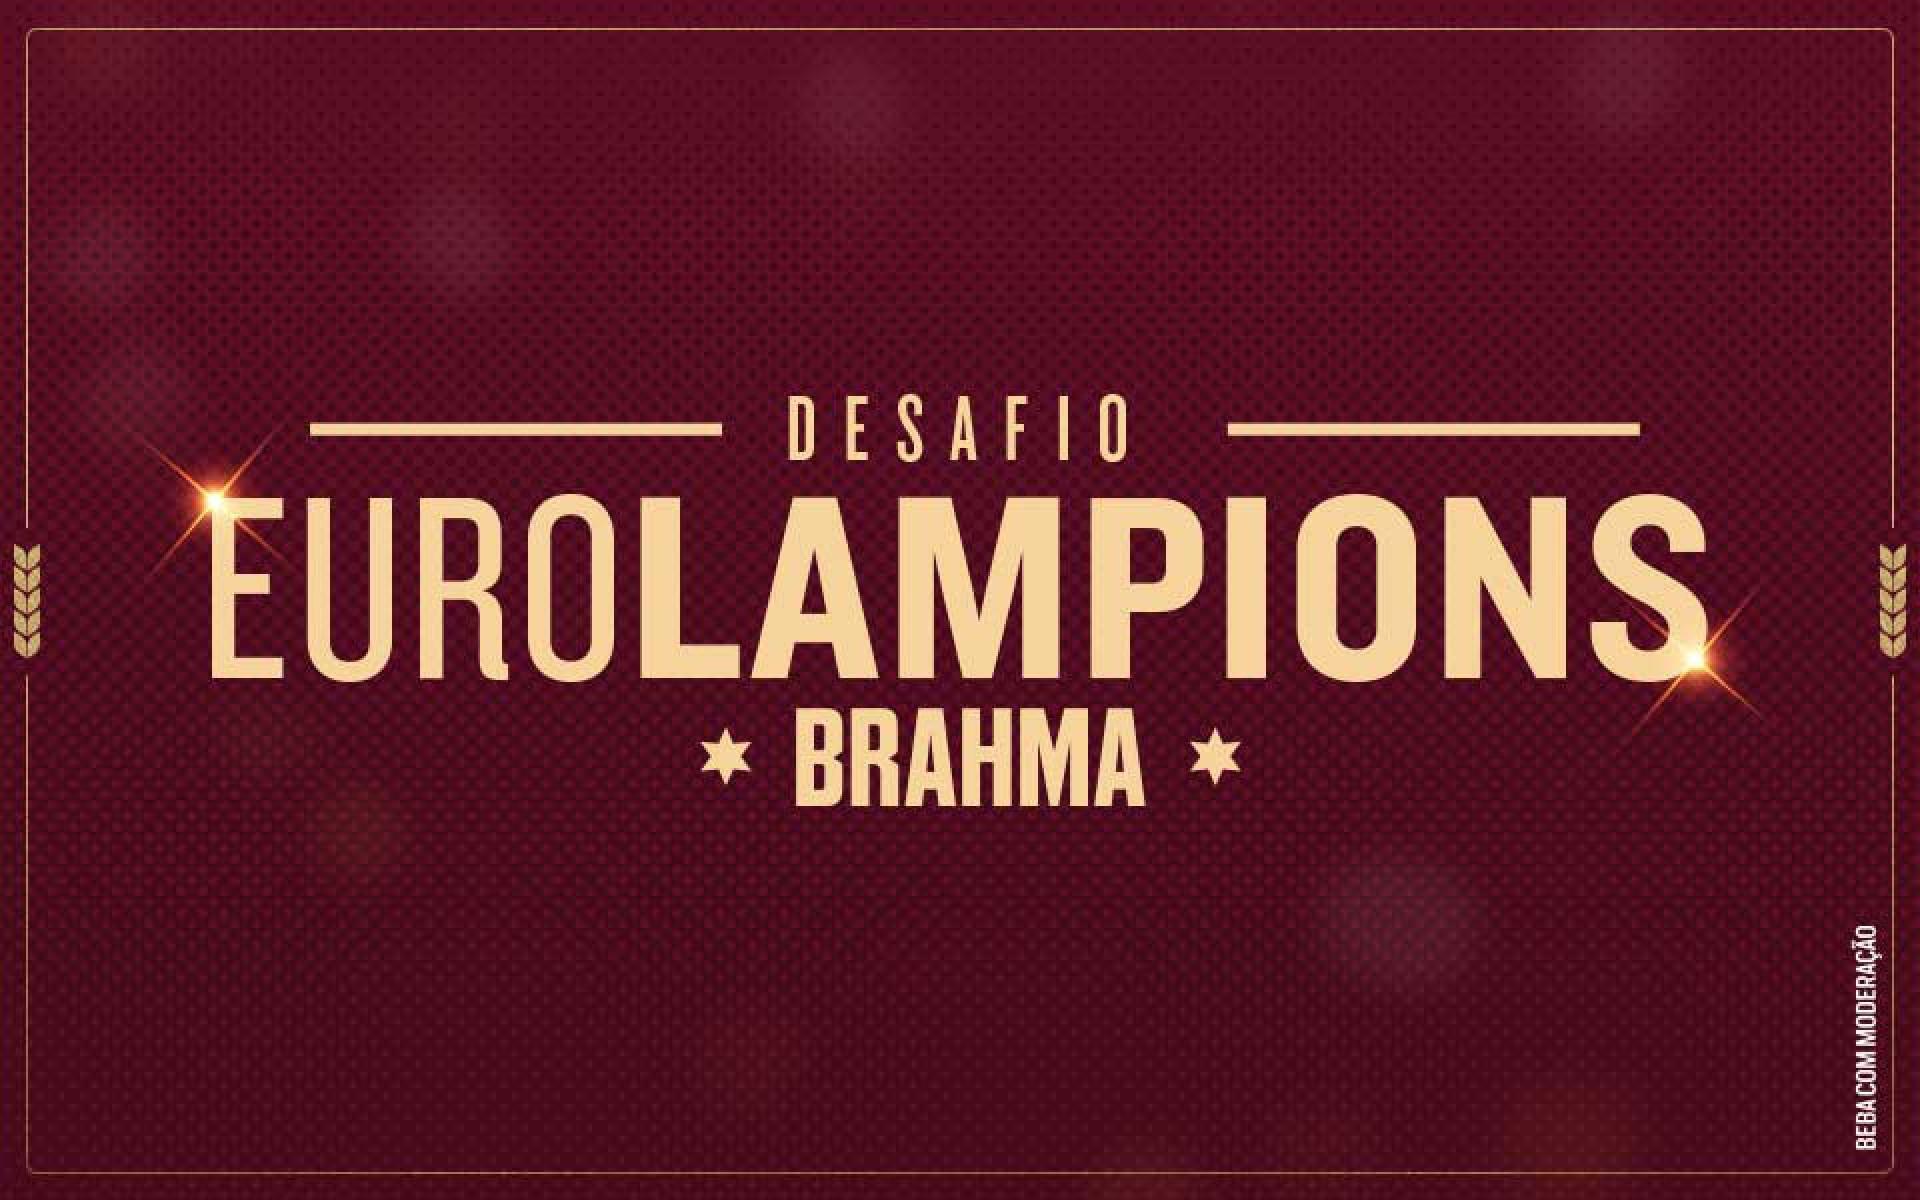 Brahma, patrocinadora oficial da Copa do Nordeste, anuncia Desafio EuroLampions